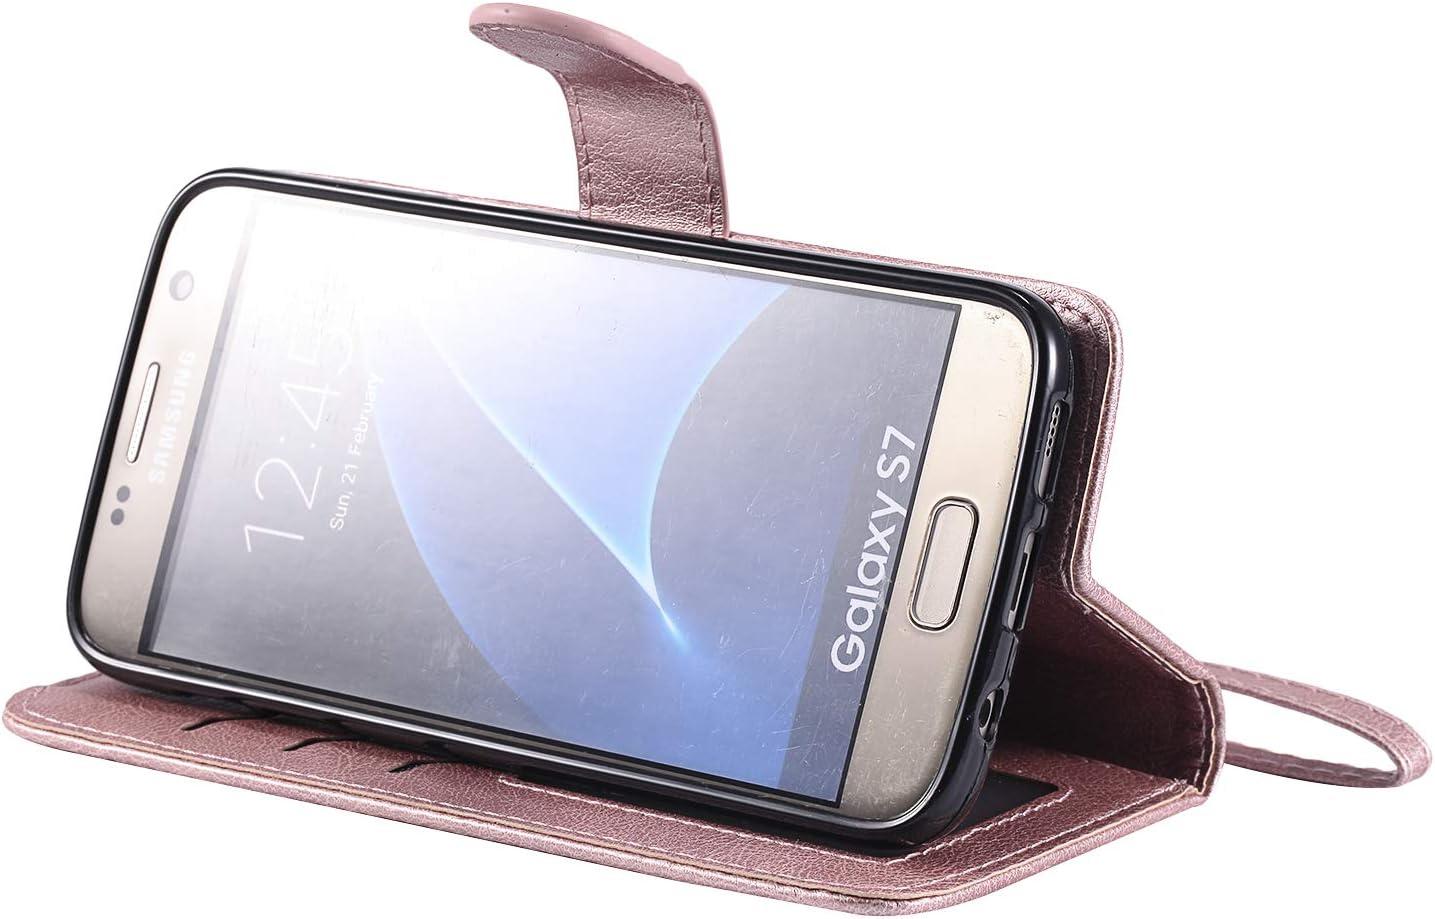 NEKTU20220 Rouge /Étui Housse Portefeuille Magnetique Antichoc avec Fonction de Support et Coque Souple pour Samsung Galaxy S7 NEXCURIO Coque Galaxy S7 Cuir PU /à Rabat